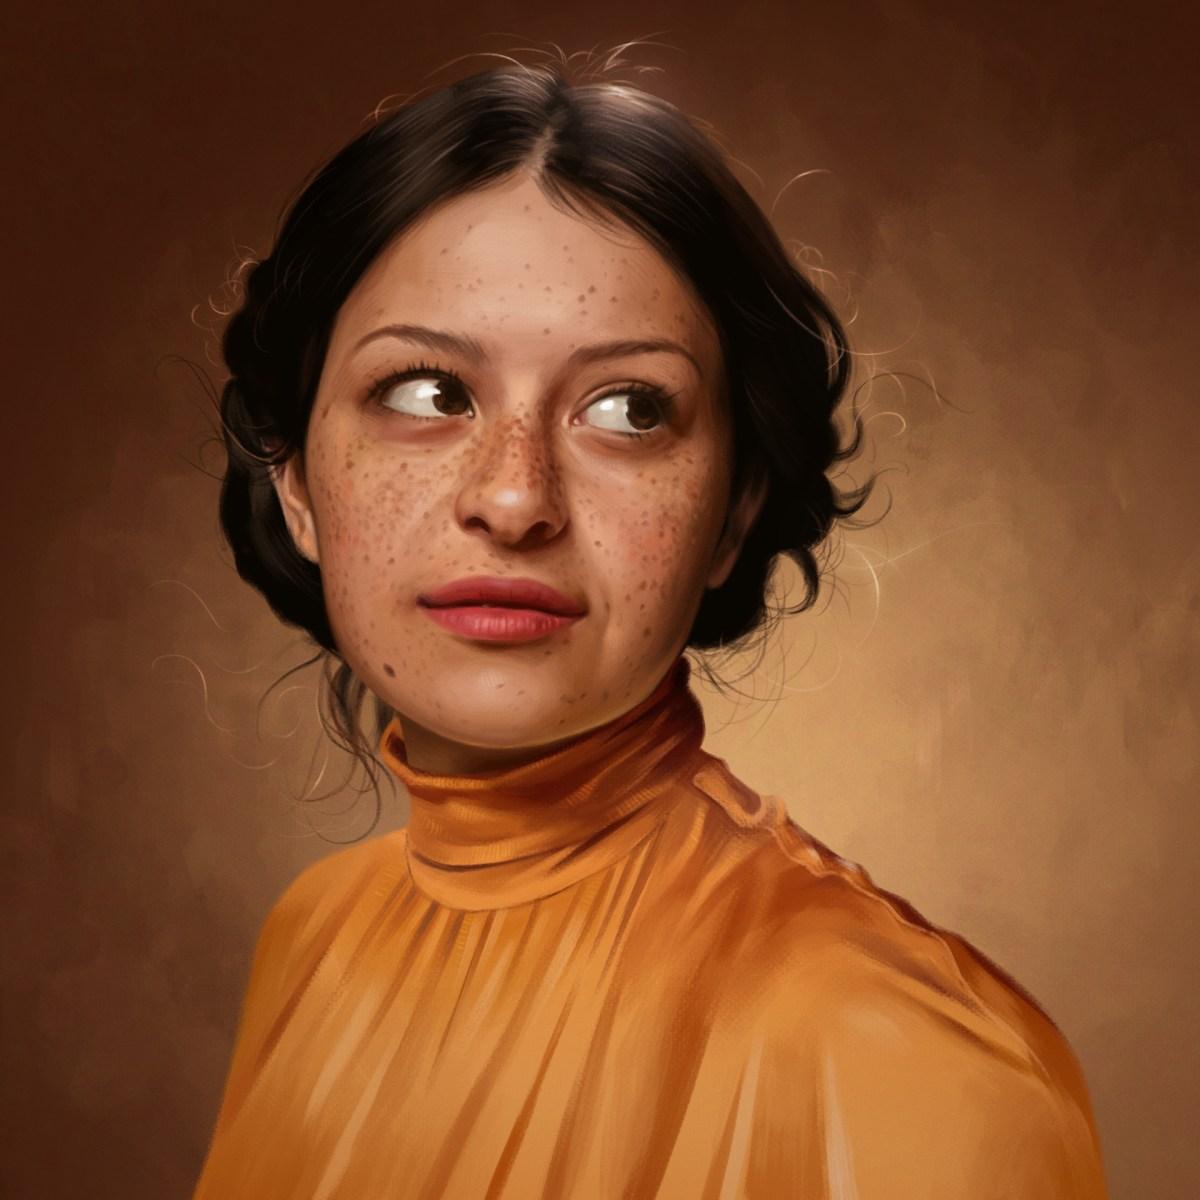 alia shawkat - photo #11